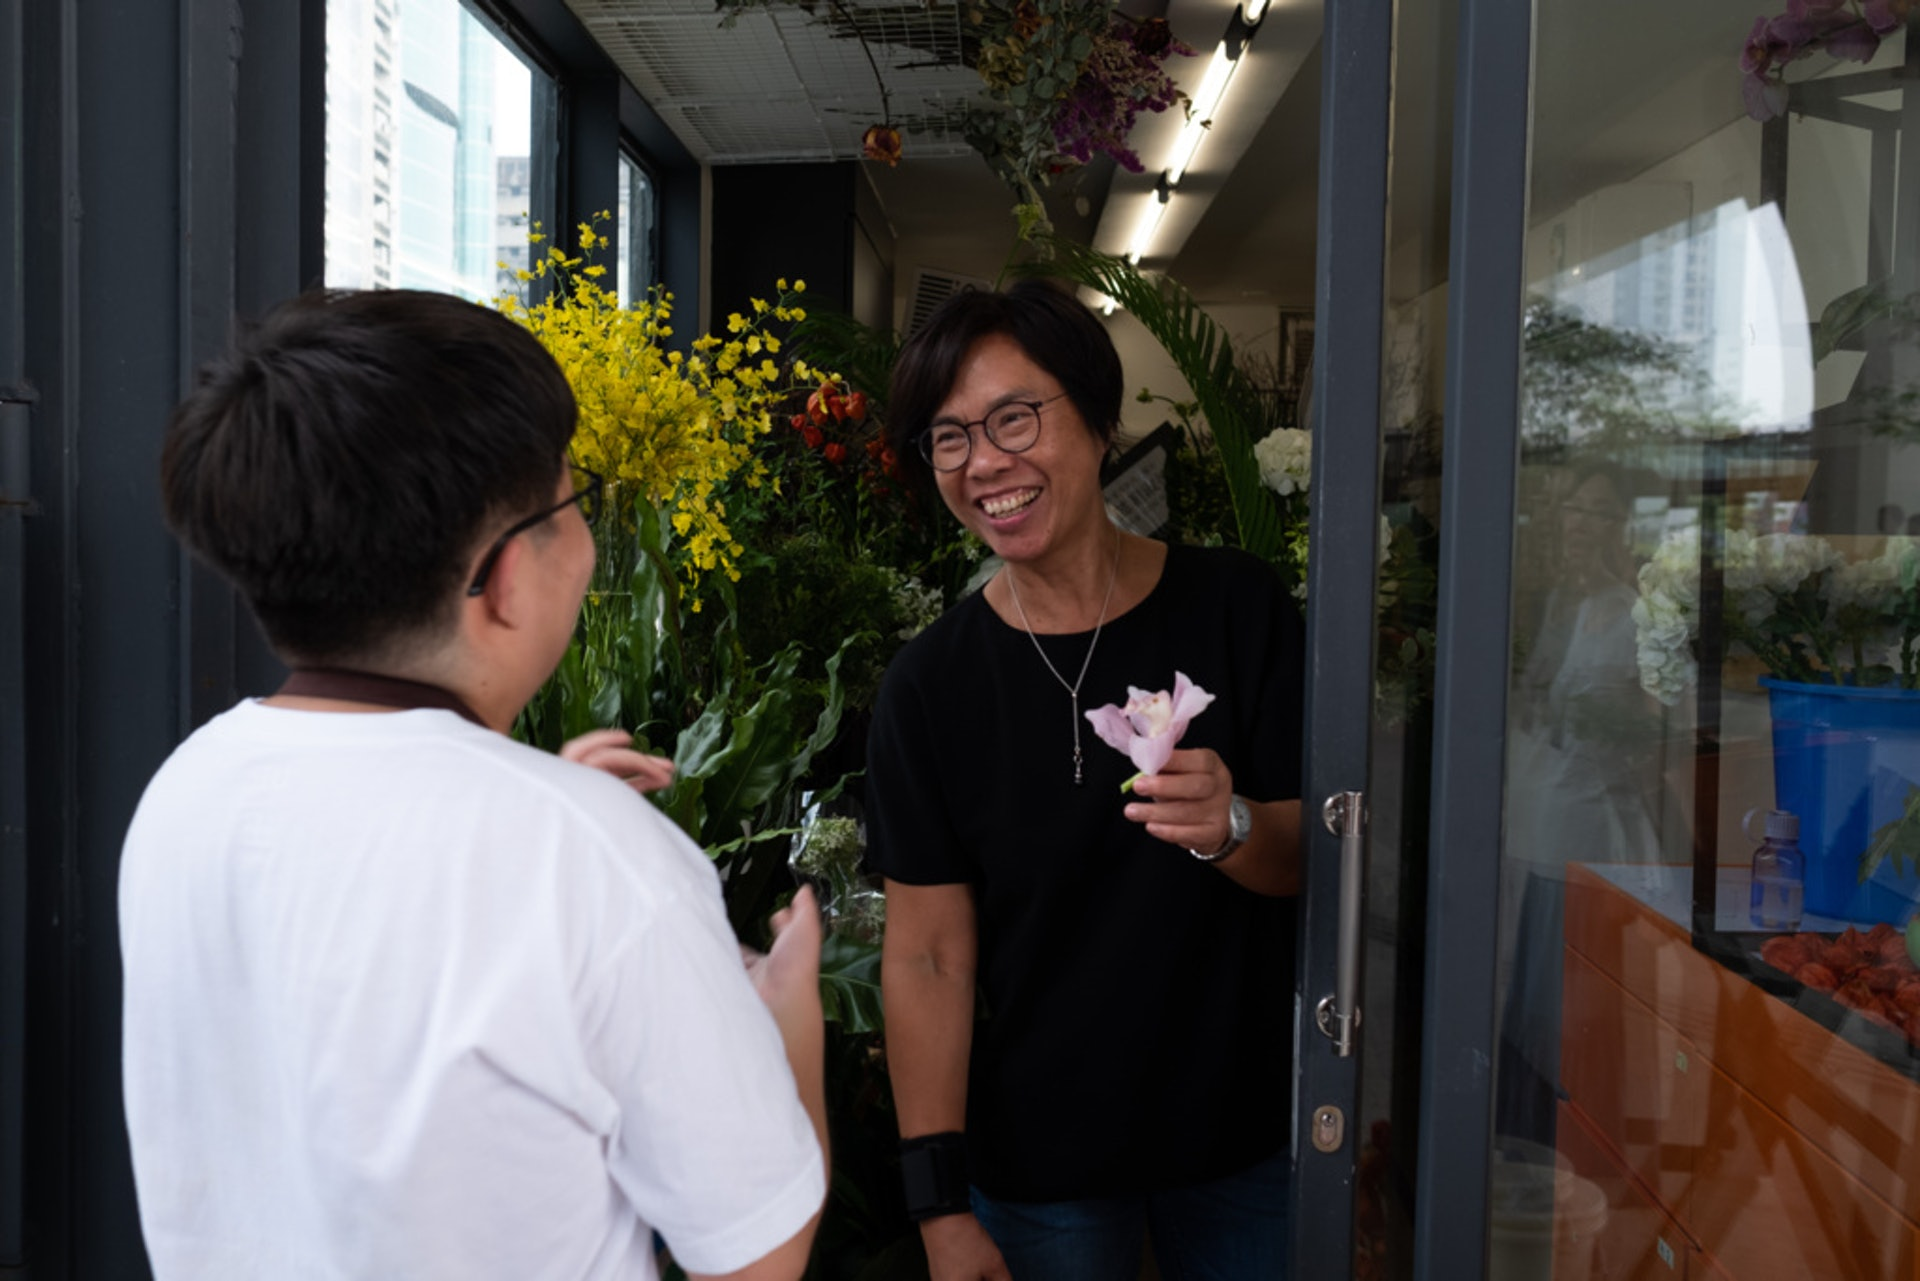 李嘉誠的捐贈令馮玉玲夠錢在觀塘海濱開間實體花店,讓「特殊」員工兼學打理店務,他們如今能一手包辦開店、清潔和收舖等工作。